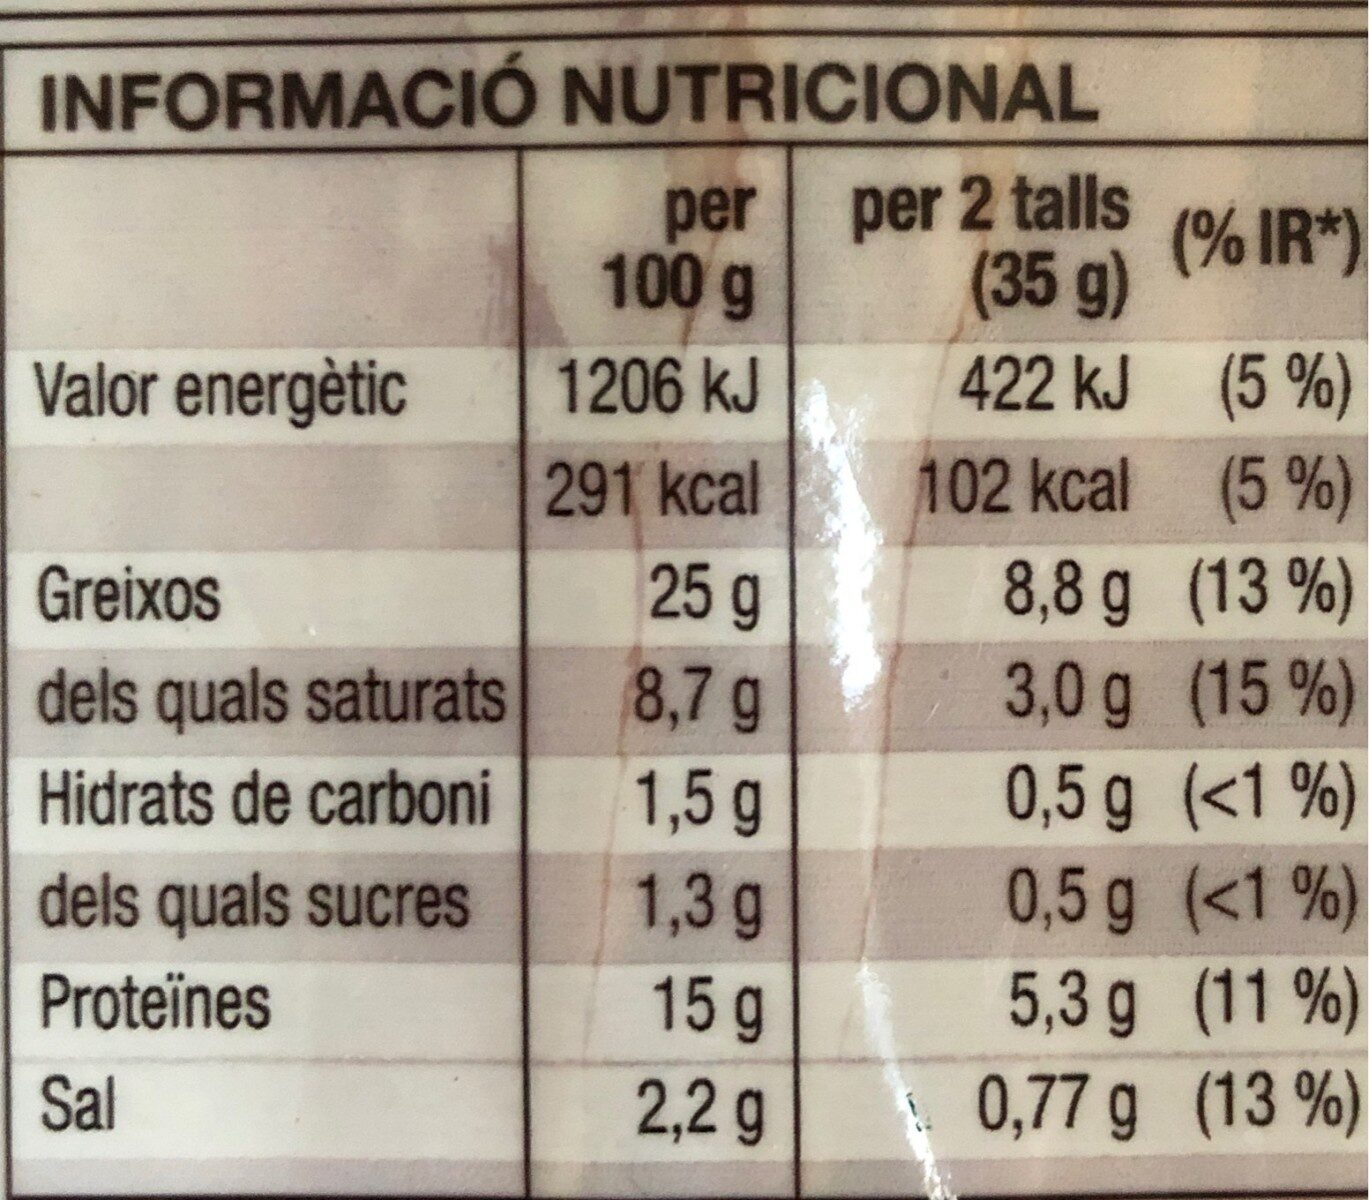 Bacó cuit fumat - Información nutricional - es